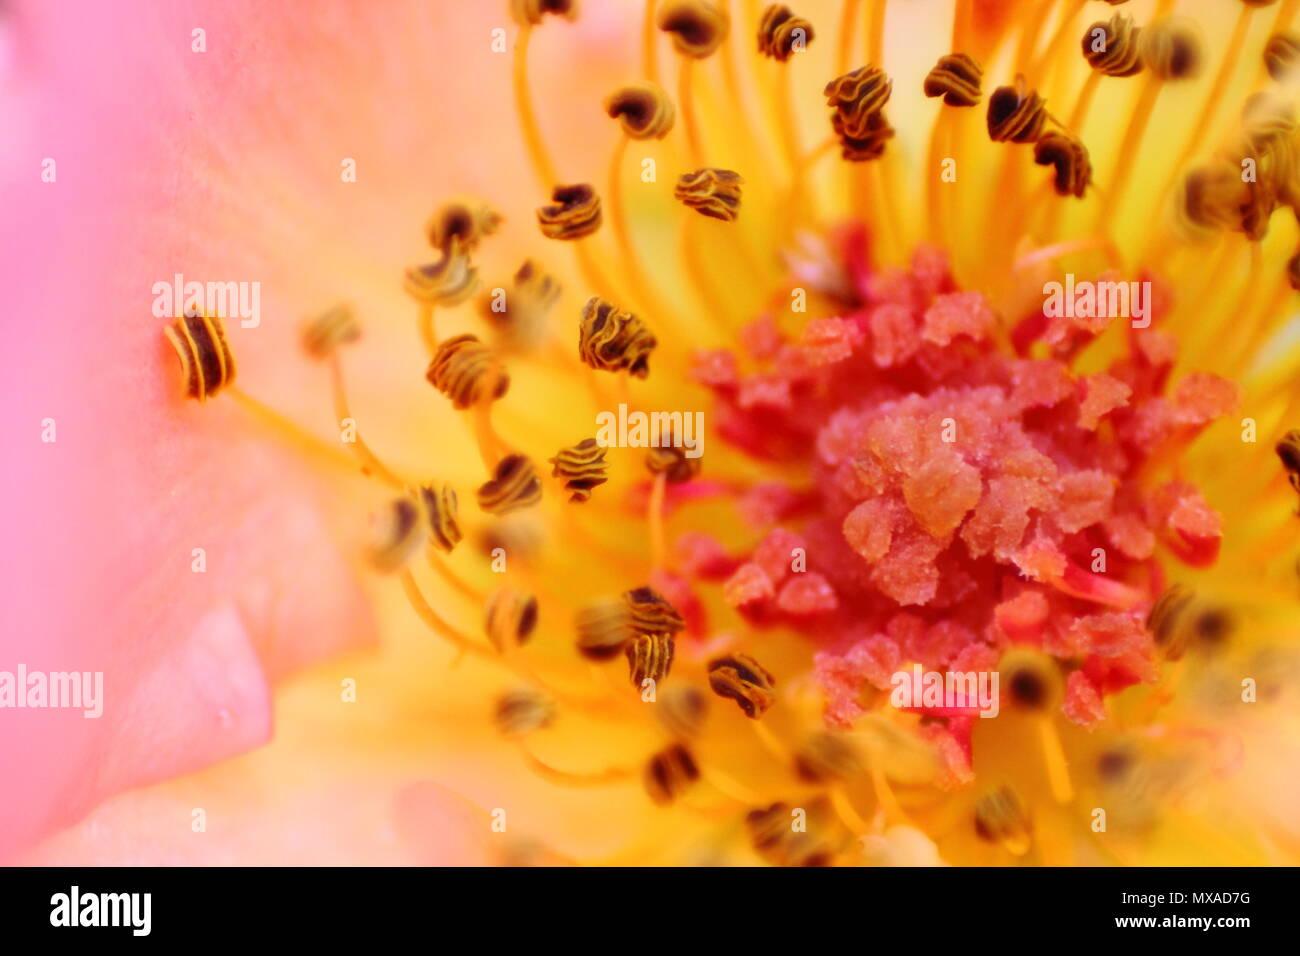 Macro di soft focalizzata rose strutture riproduttive. Microcosmo floreale con il polline. Messa a fuoco selezionata. Immagini Stock